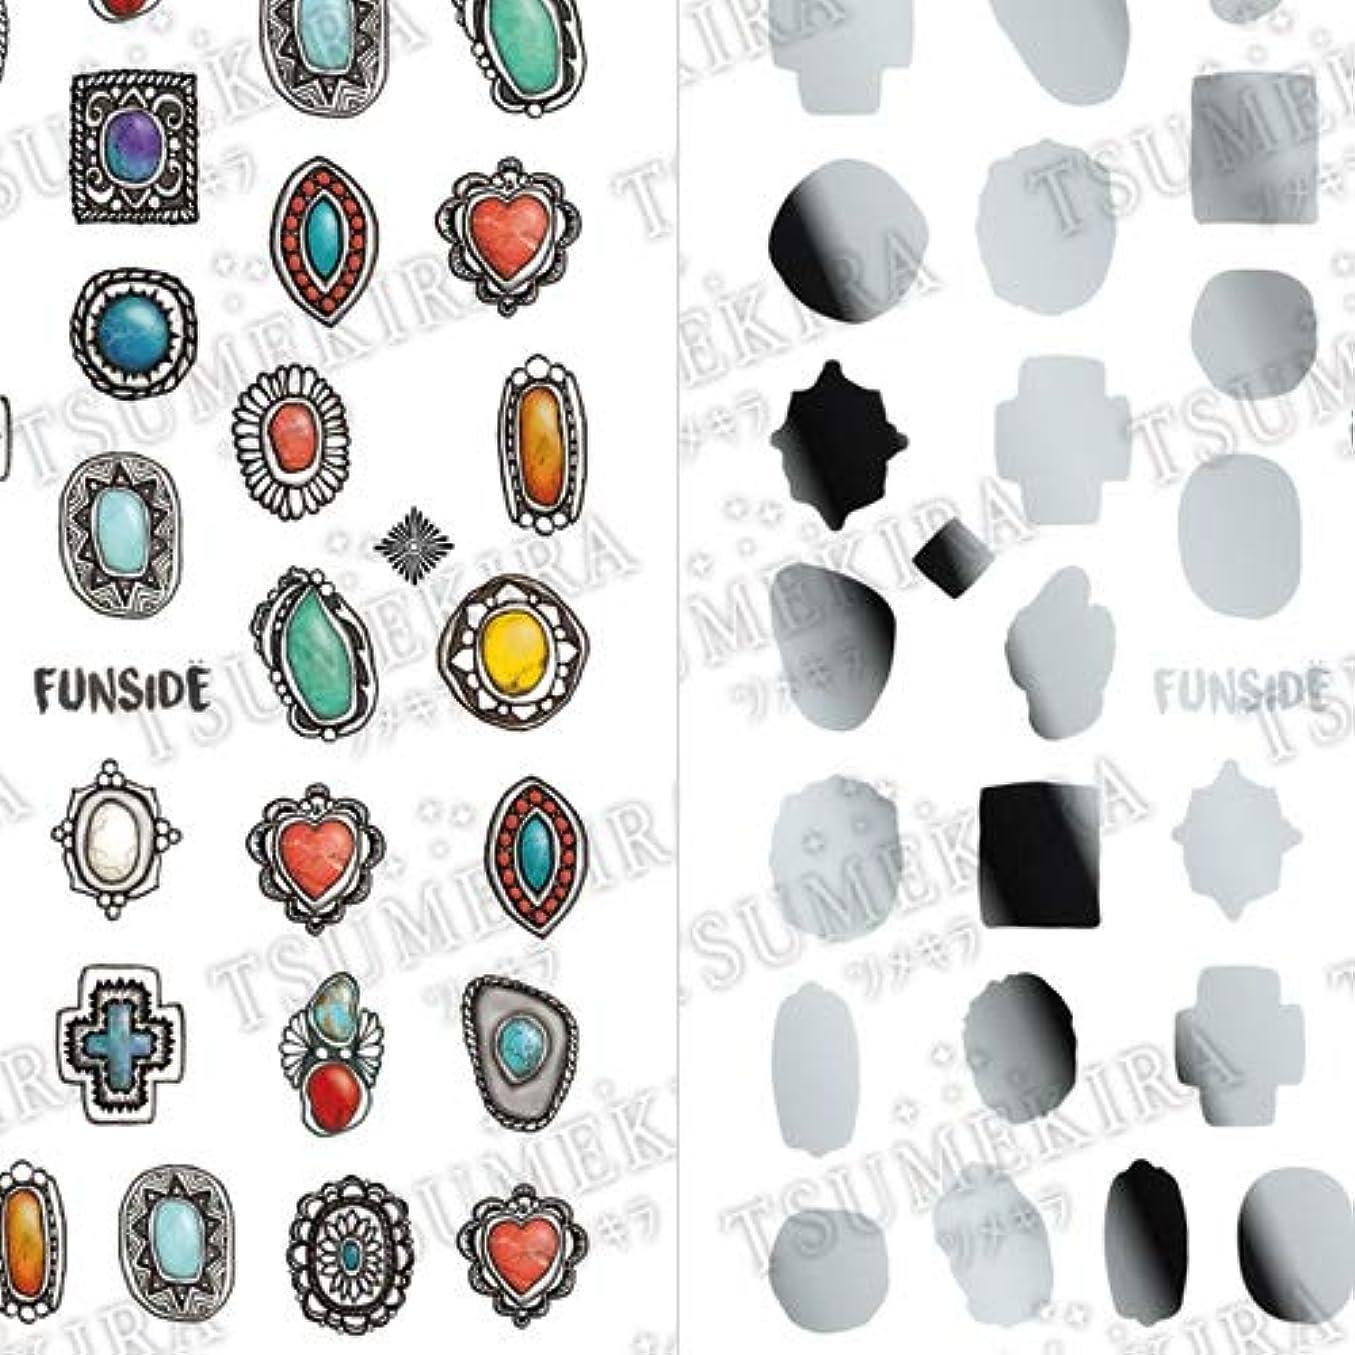 辛い素晴らしさ投獄TSUMEKIRA(ツメキラ) ネイルシール FUNSIDEプロデュース Indian Jewelry SG-FNS-101 1枚